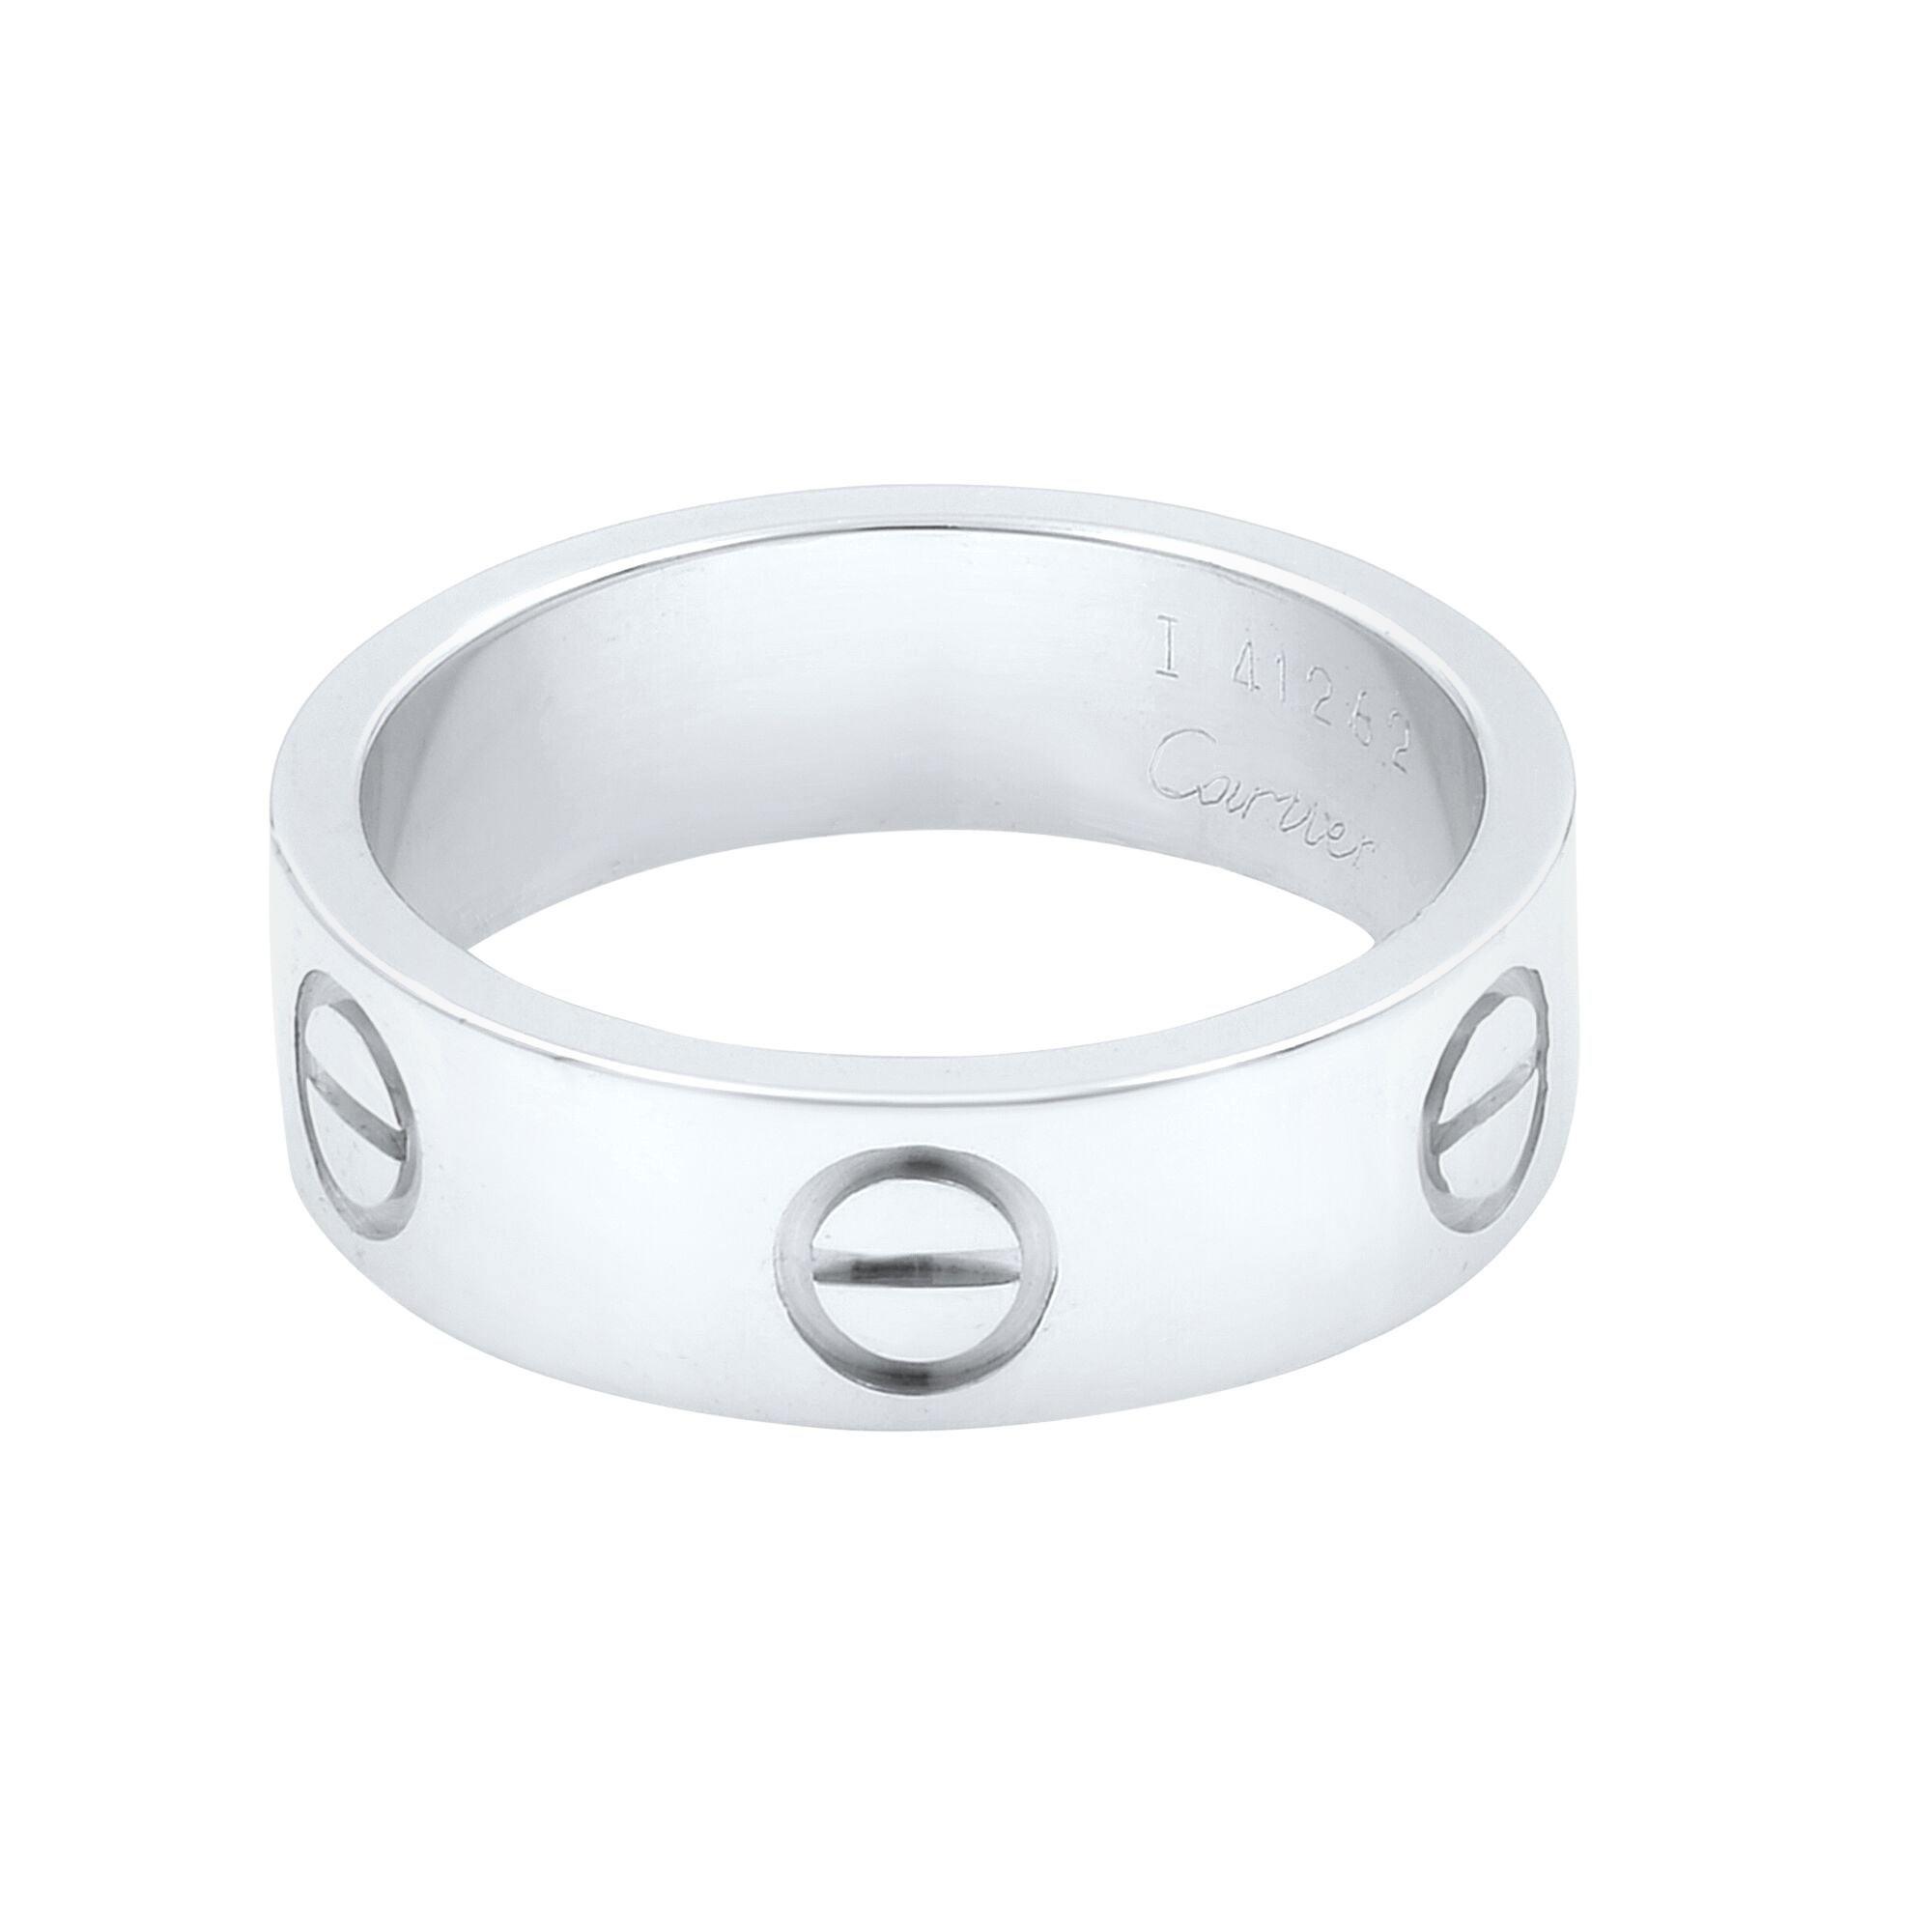 Cartier 18 Karat White Gold Love Band Ring